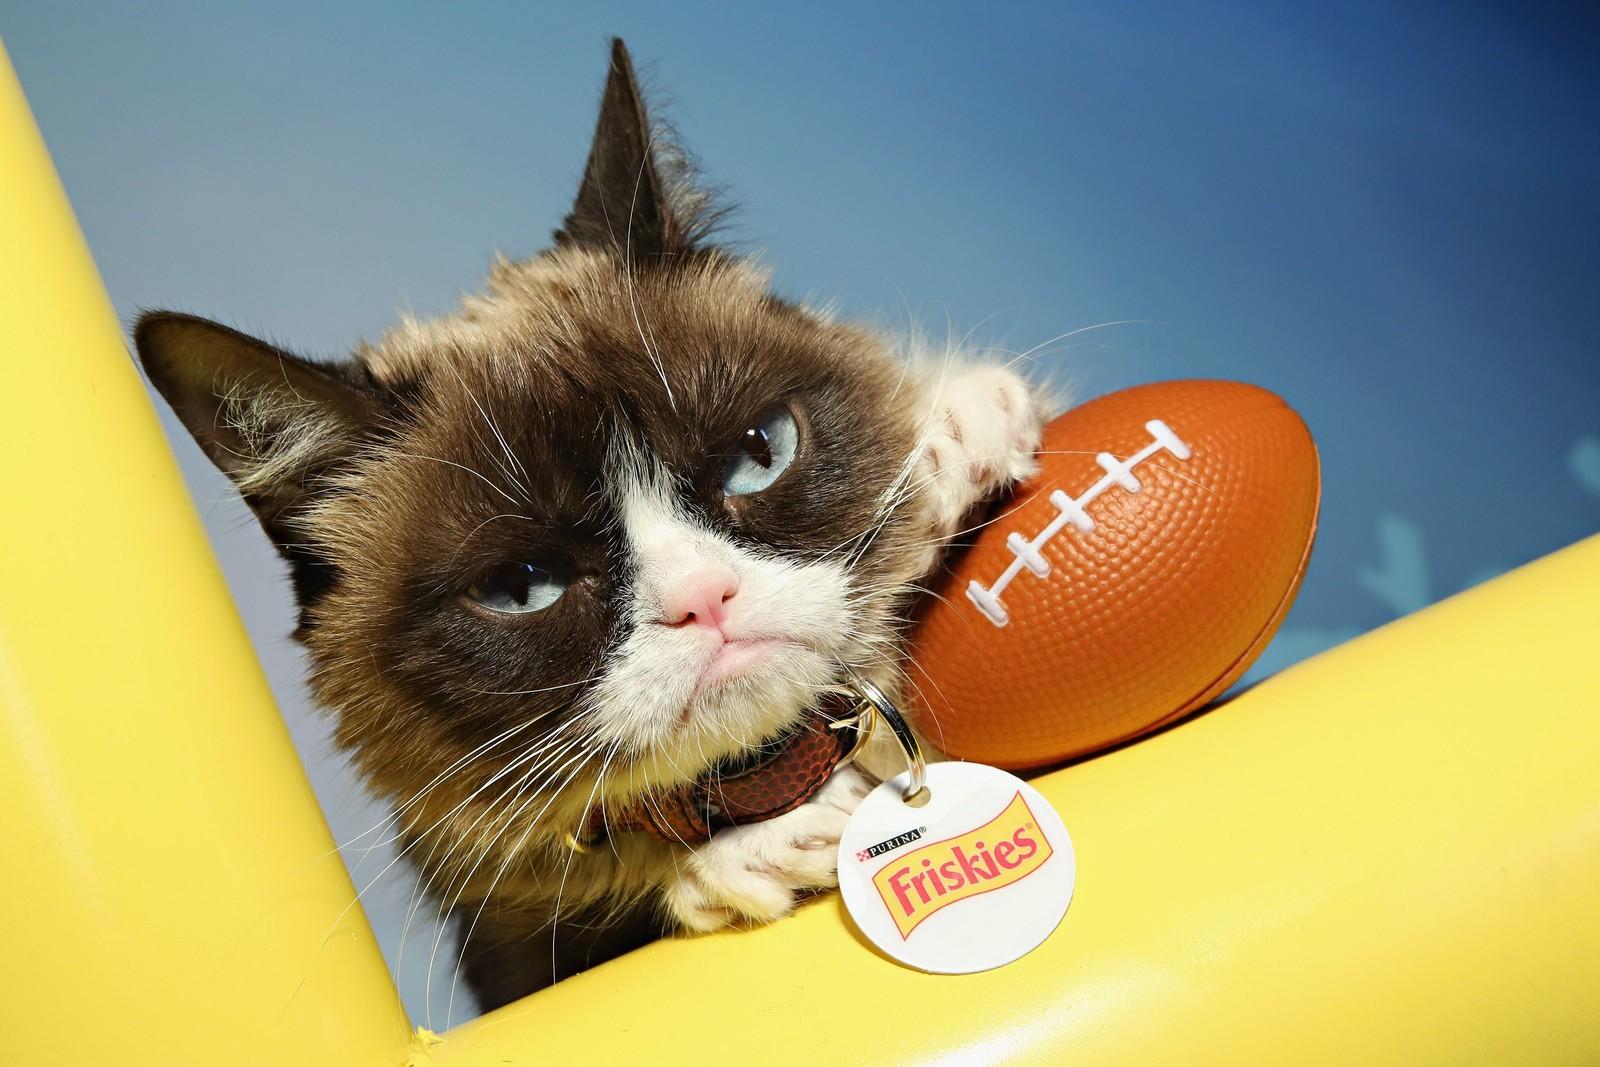 Nettfenomenet Grumpy Cat var med på å varme opp på en amerikansk radiostasjon i forkant av den 50. Superbowl-finalen, som finner sted natt til mandag norsk tid.